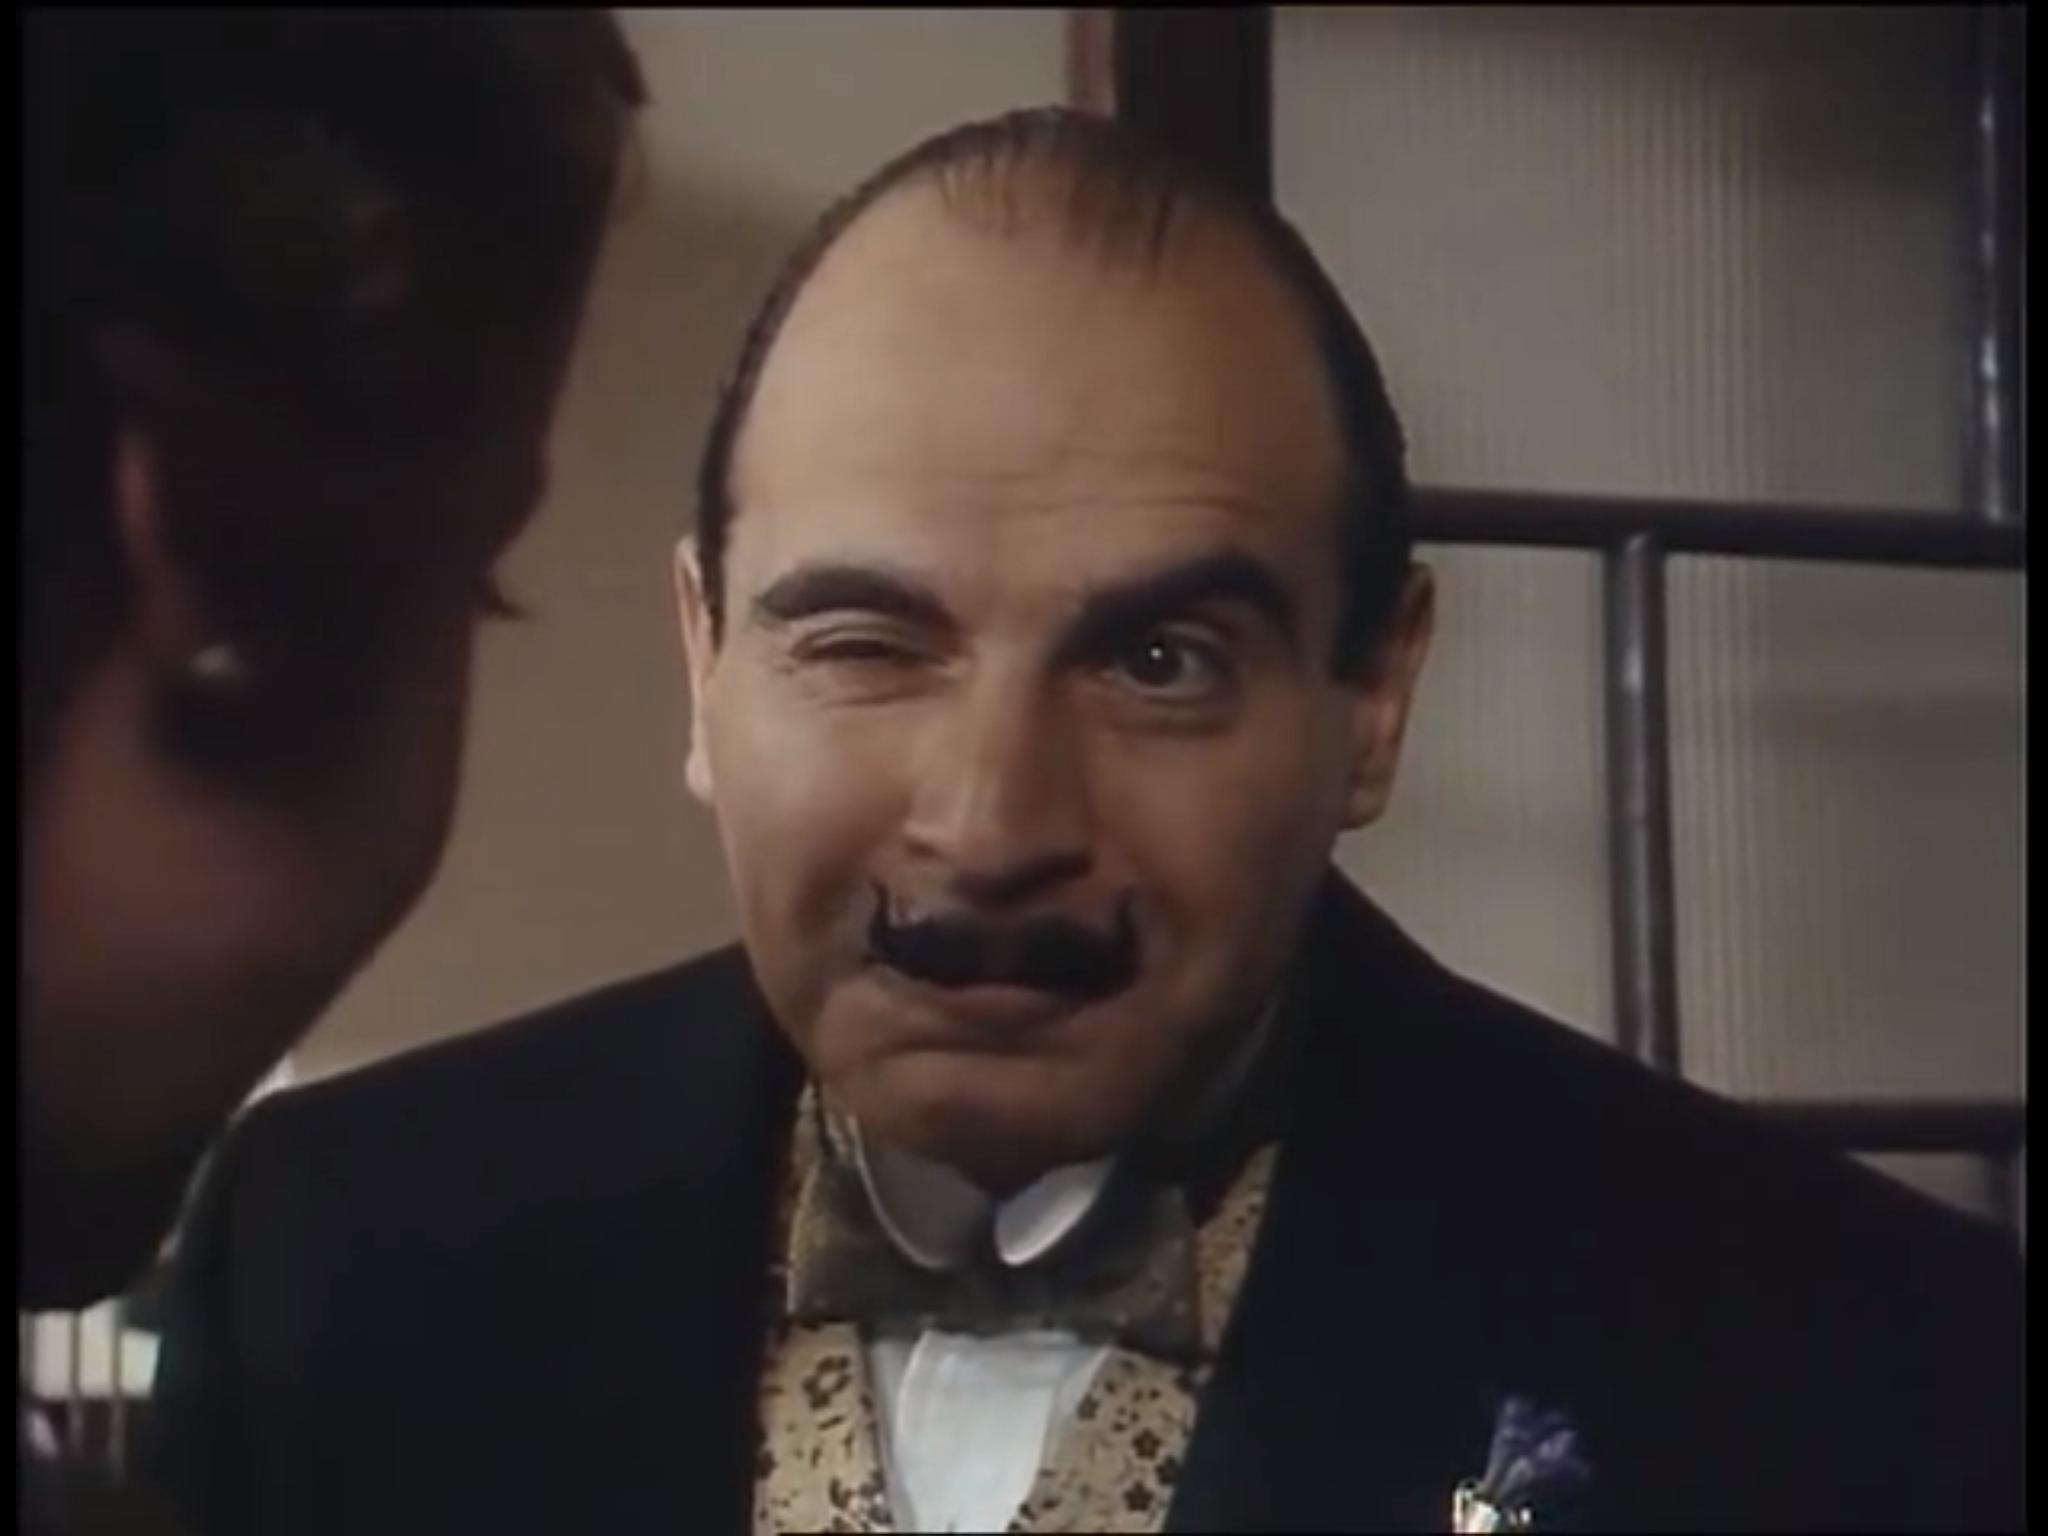 Agatha Christie. Poirot. | Agatha Christie: Hercule Poirot and ...